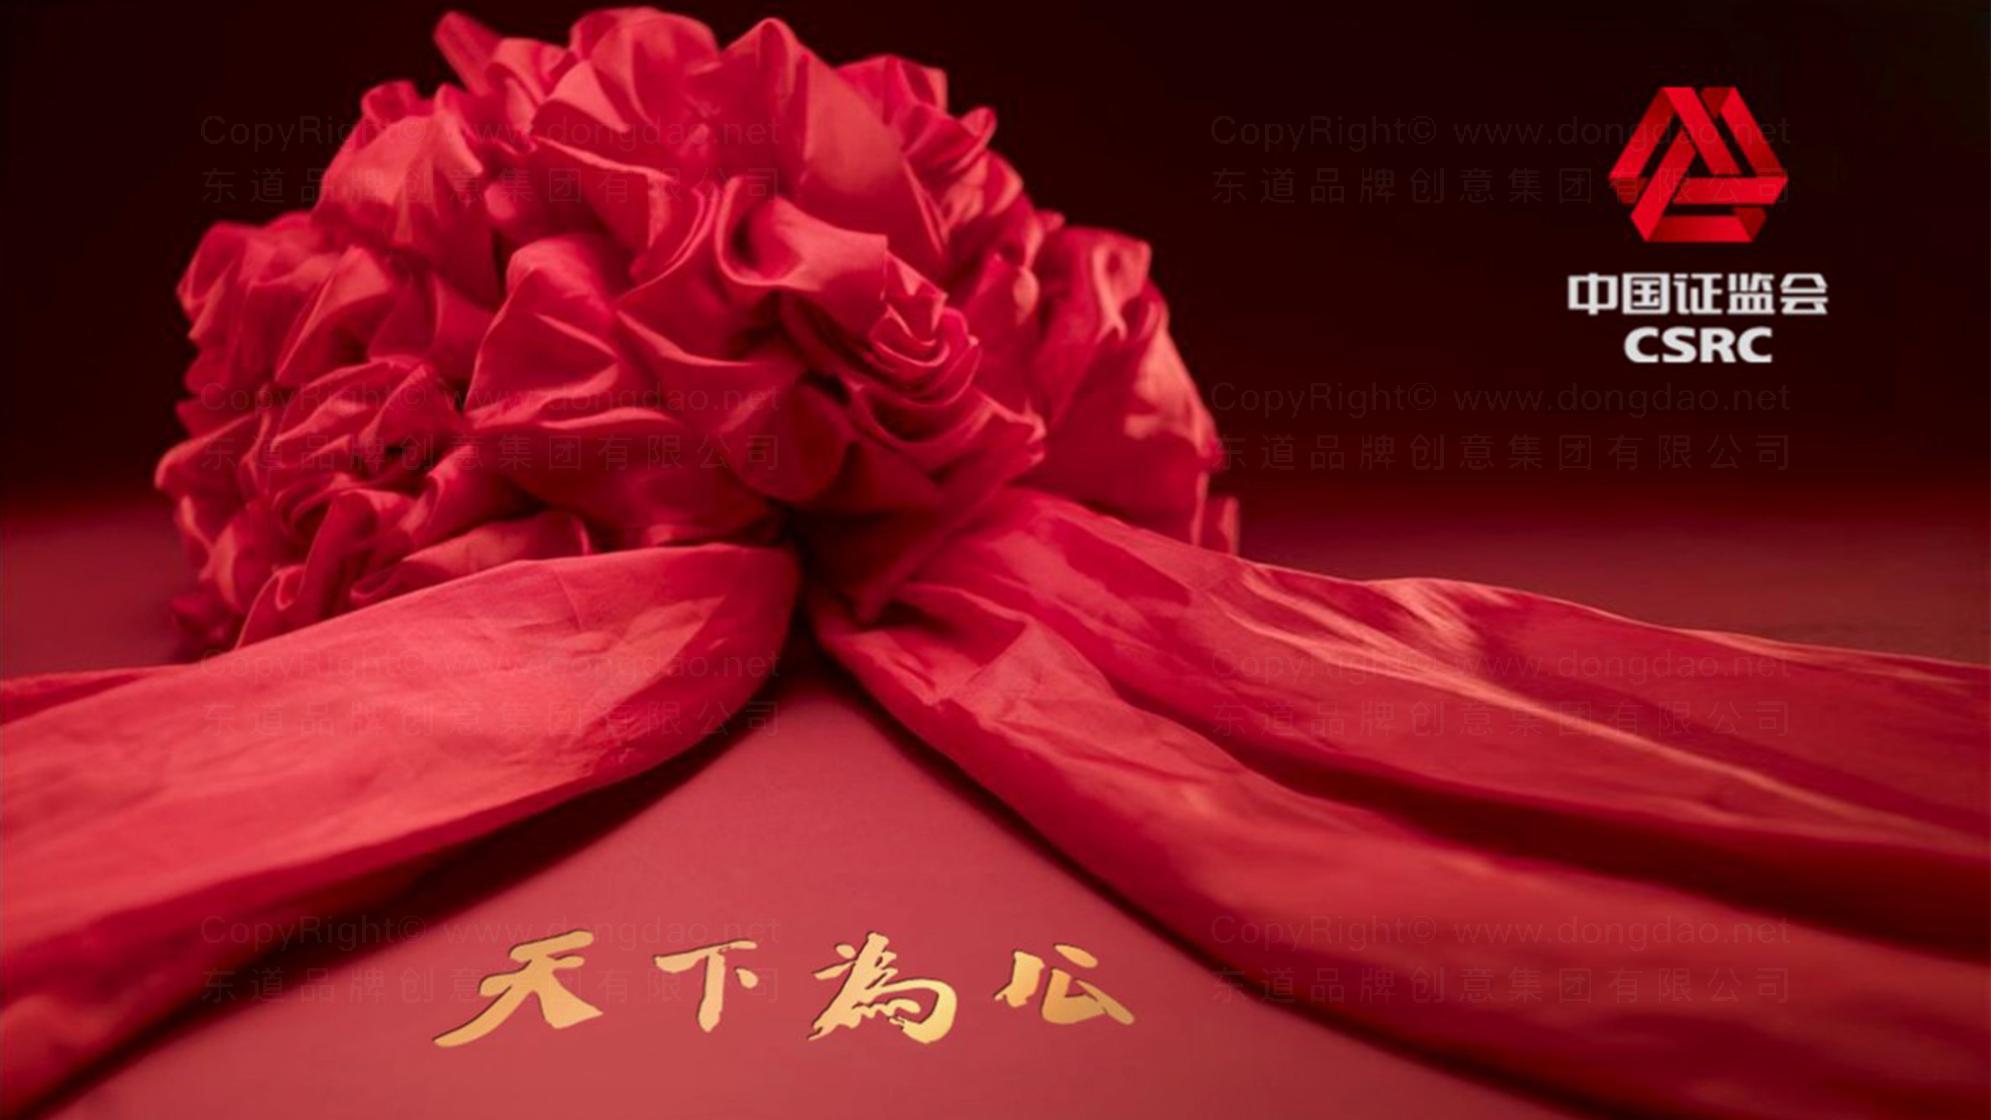 政府组织品牌设计中国证监会LOGO&VI设计